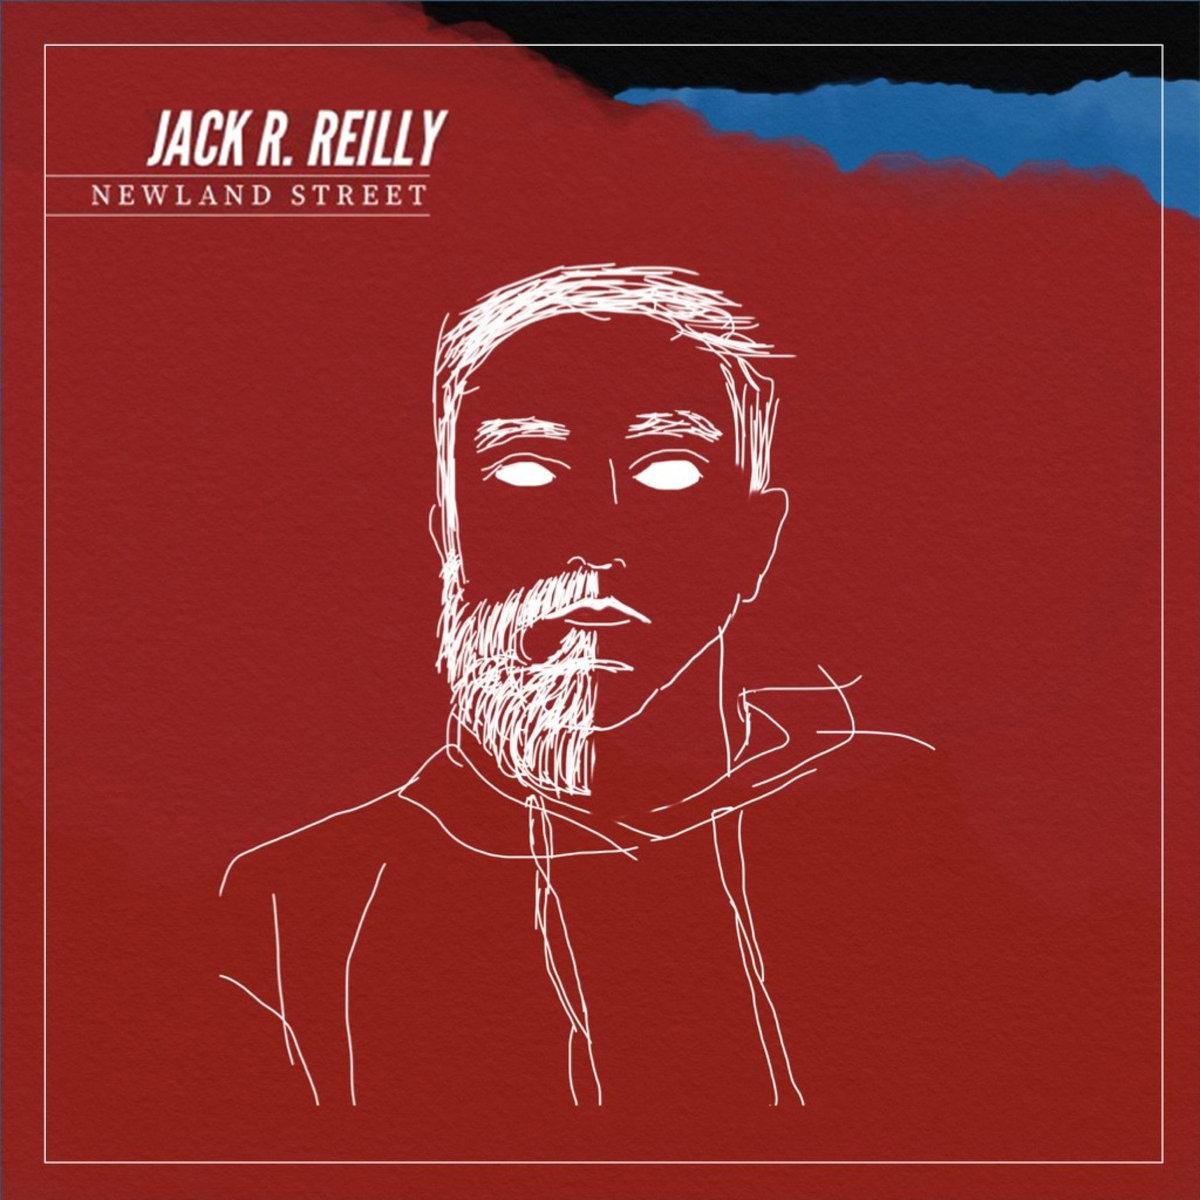 Jack R Reilly - Newland Street